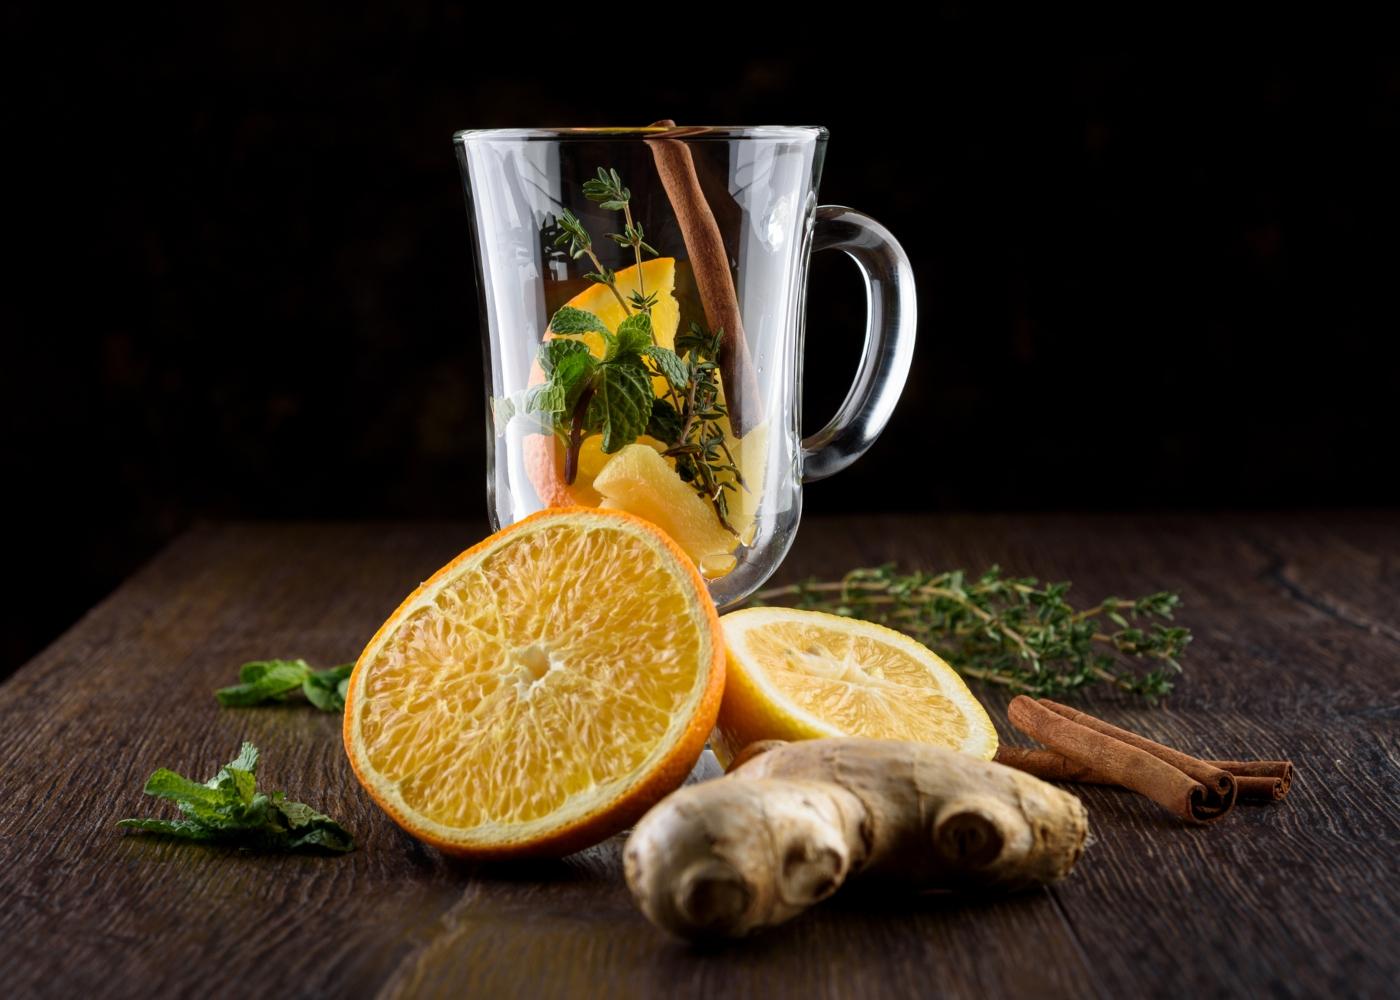 Água aromatizada com laranja, gengibre e canela